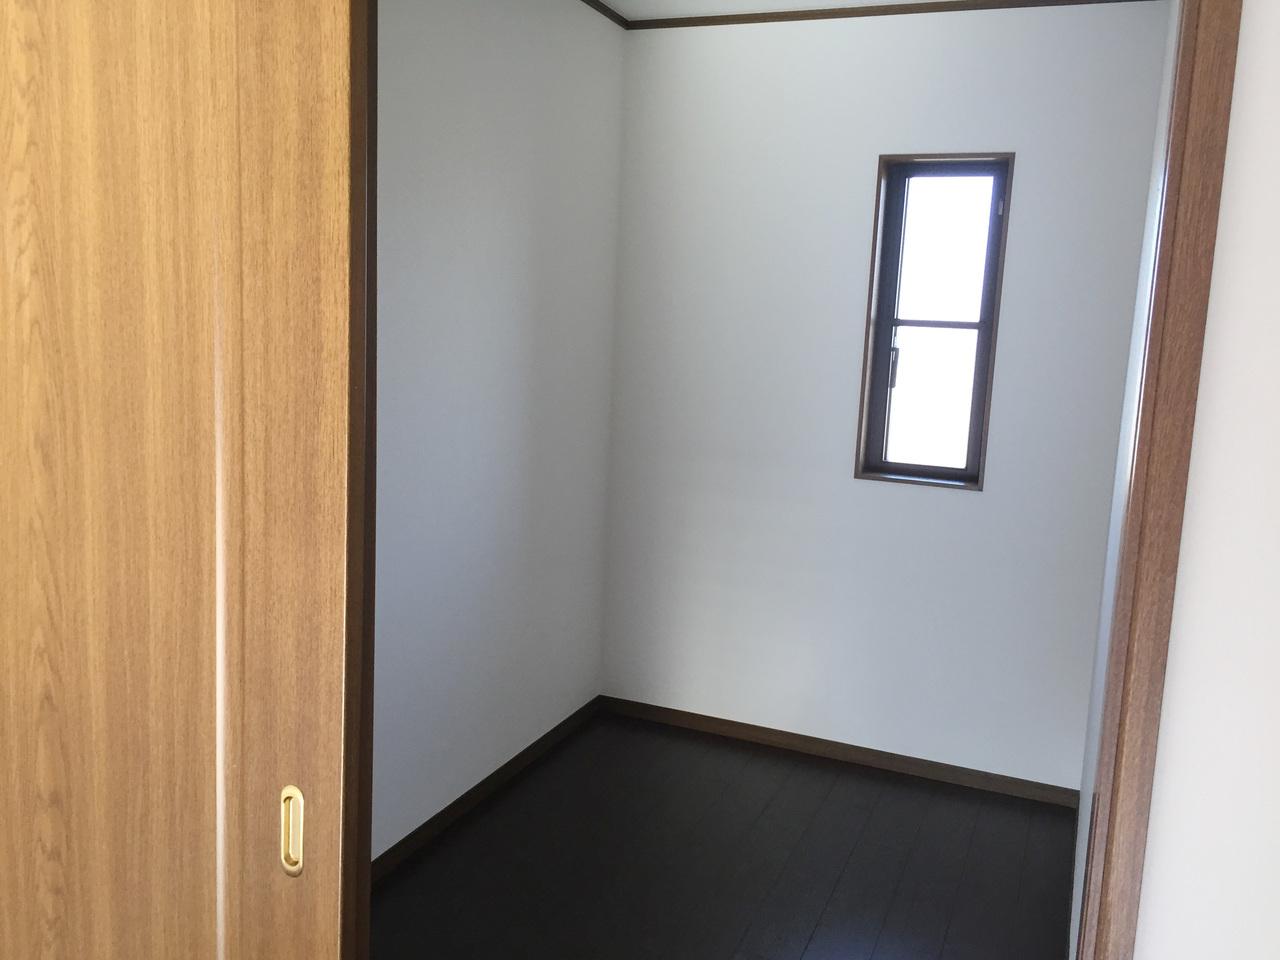 納戸付☆お部屋もすっきり片付けられます(^^)